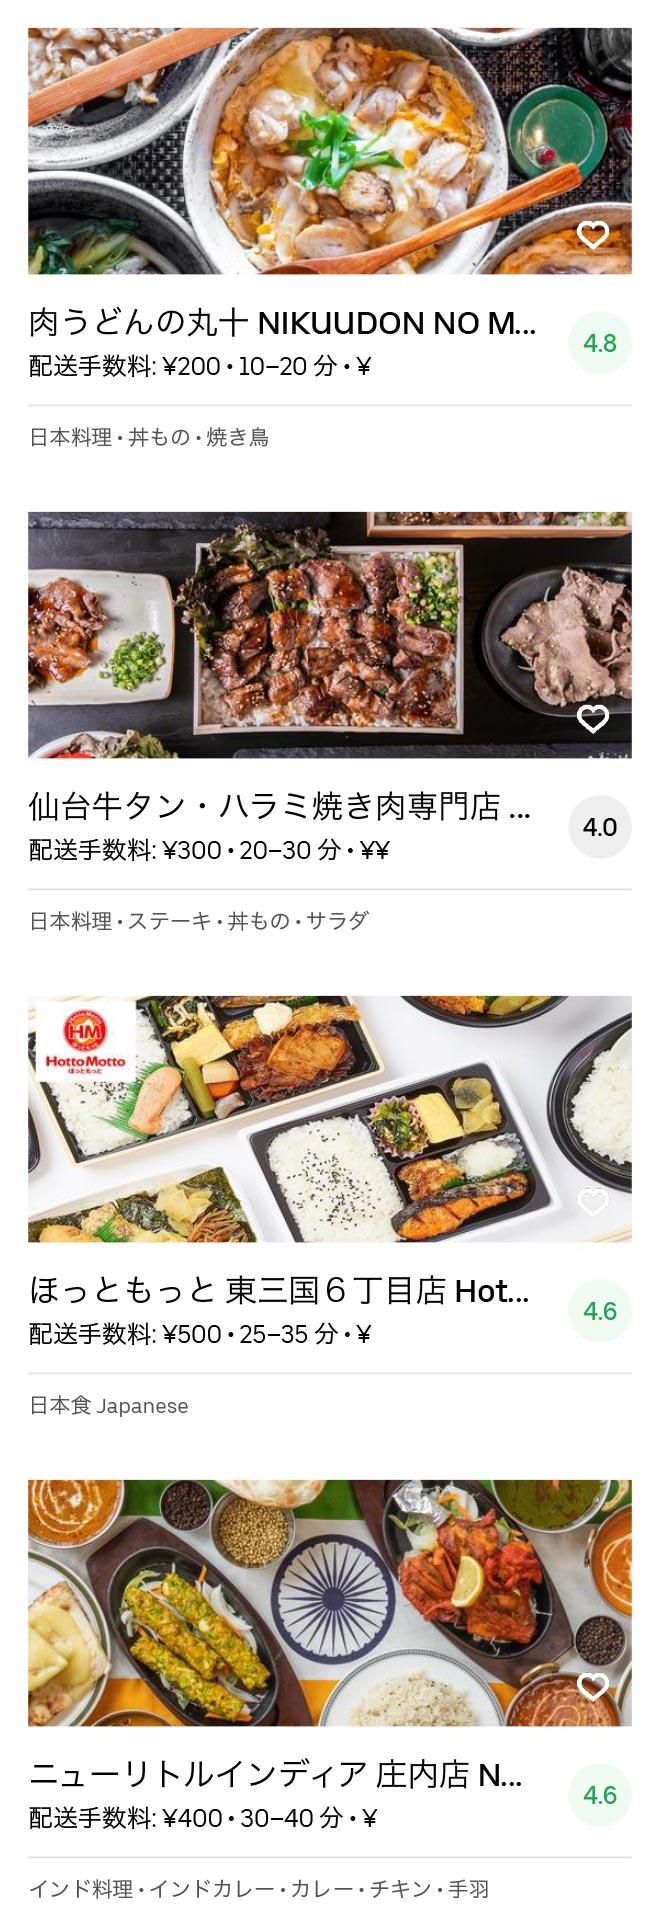 Toyonaka menu 2005 07